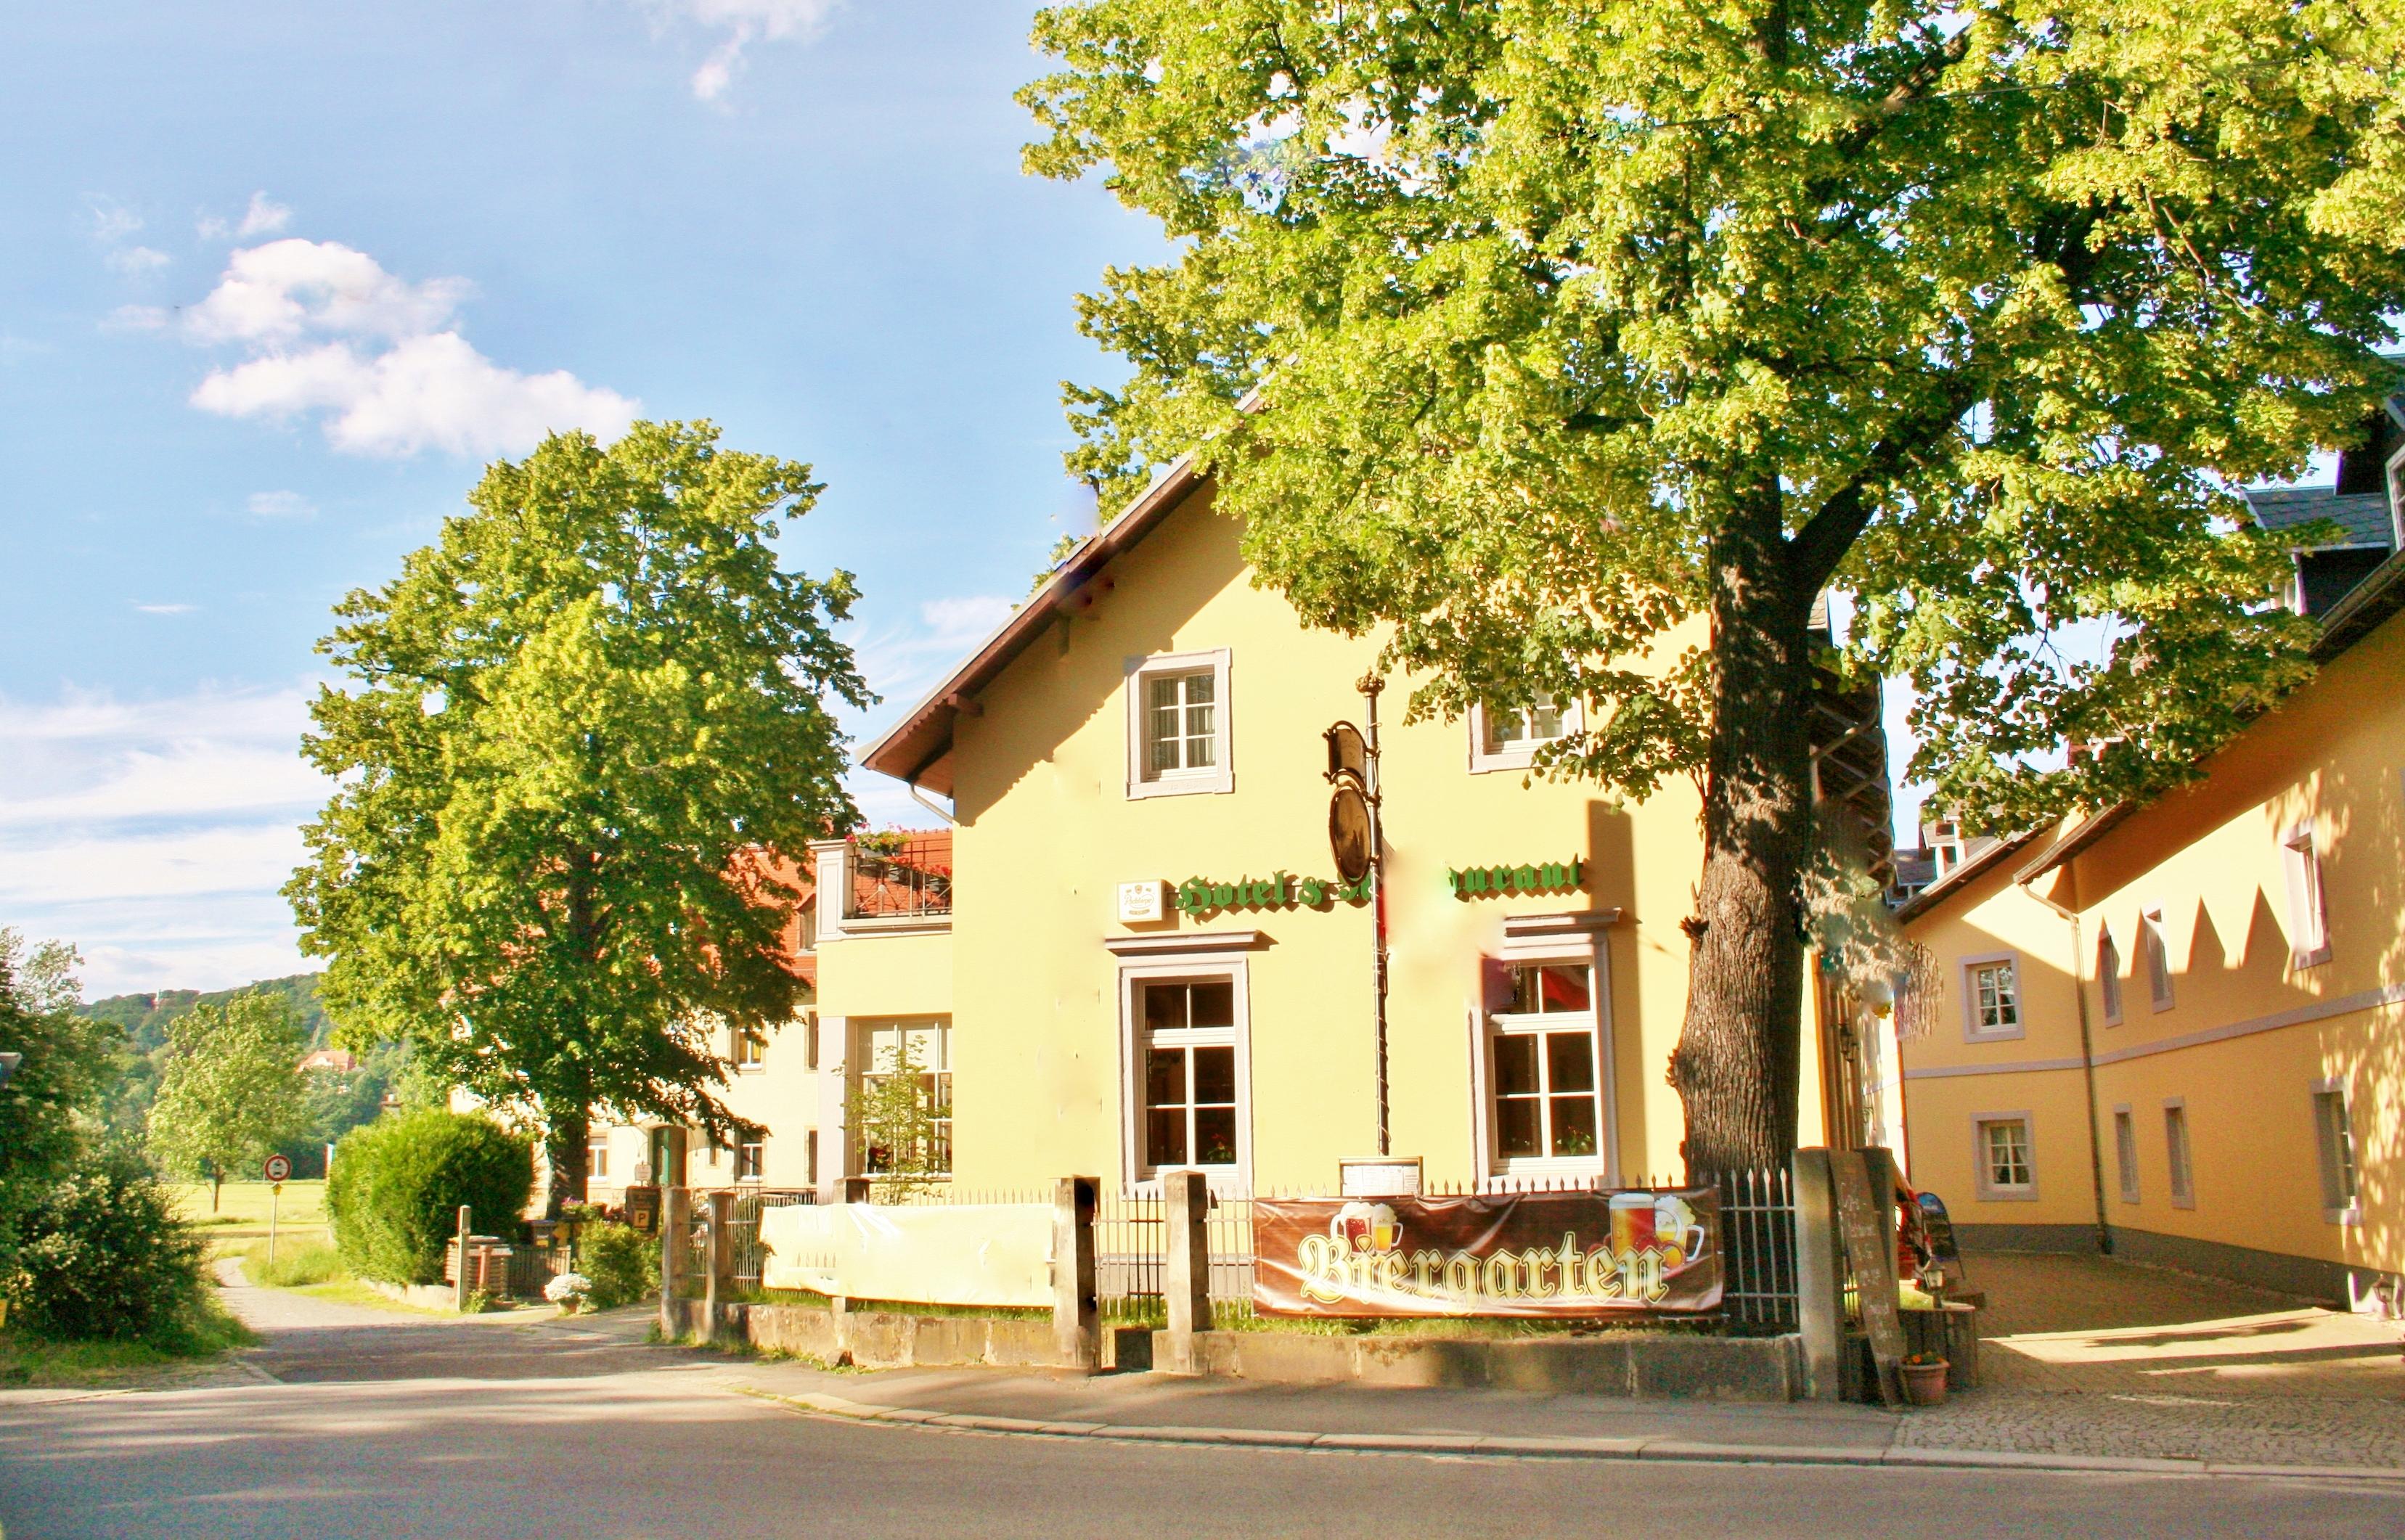 Hotel Alttolkewitzer Hof in Dresden – HOTEL DE